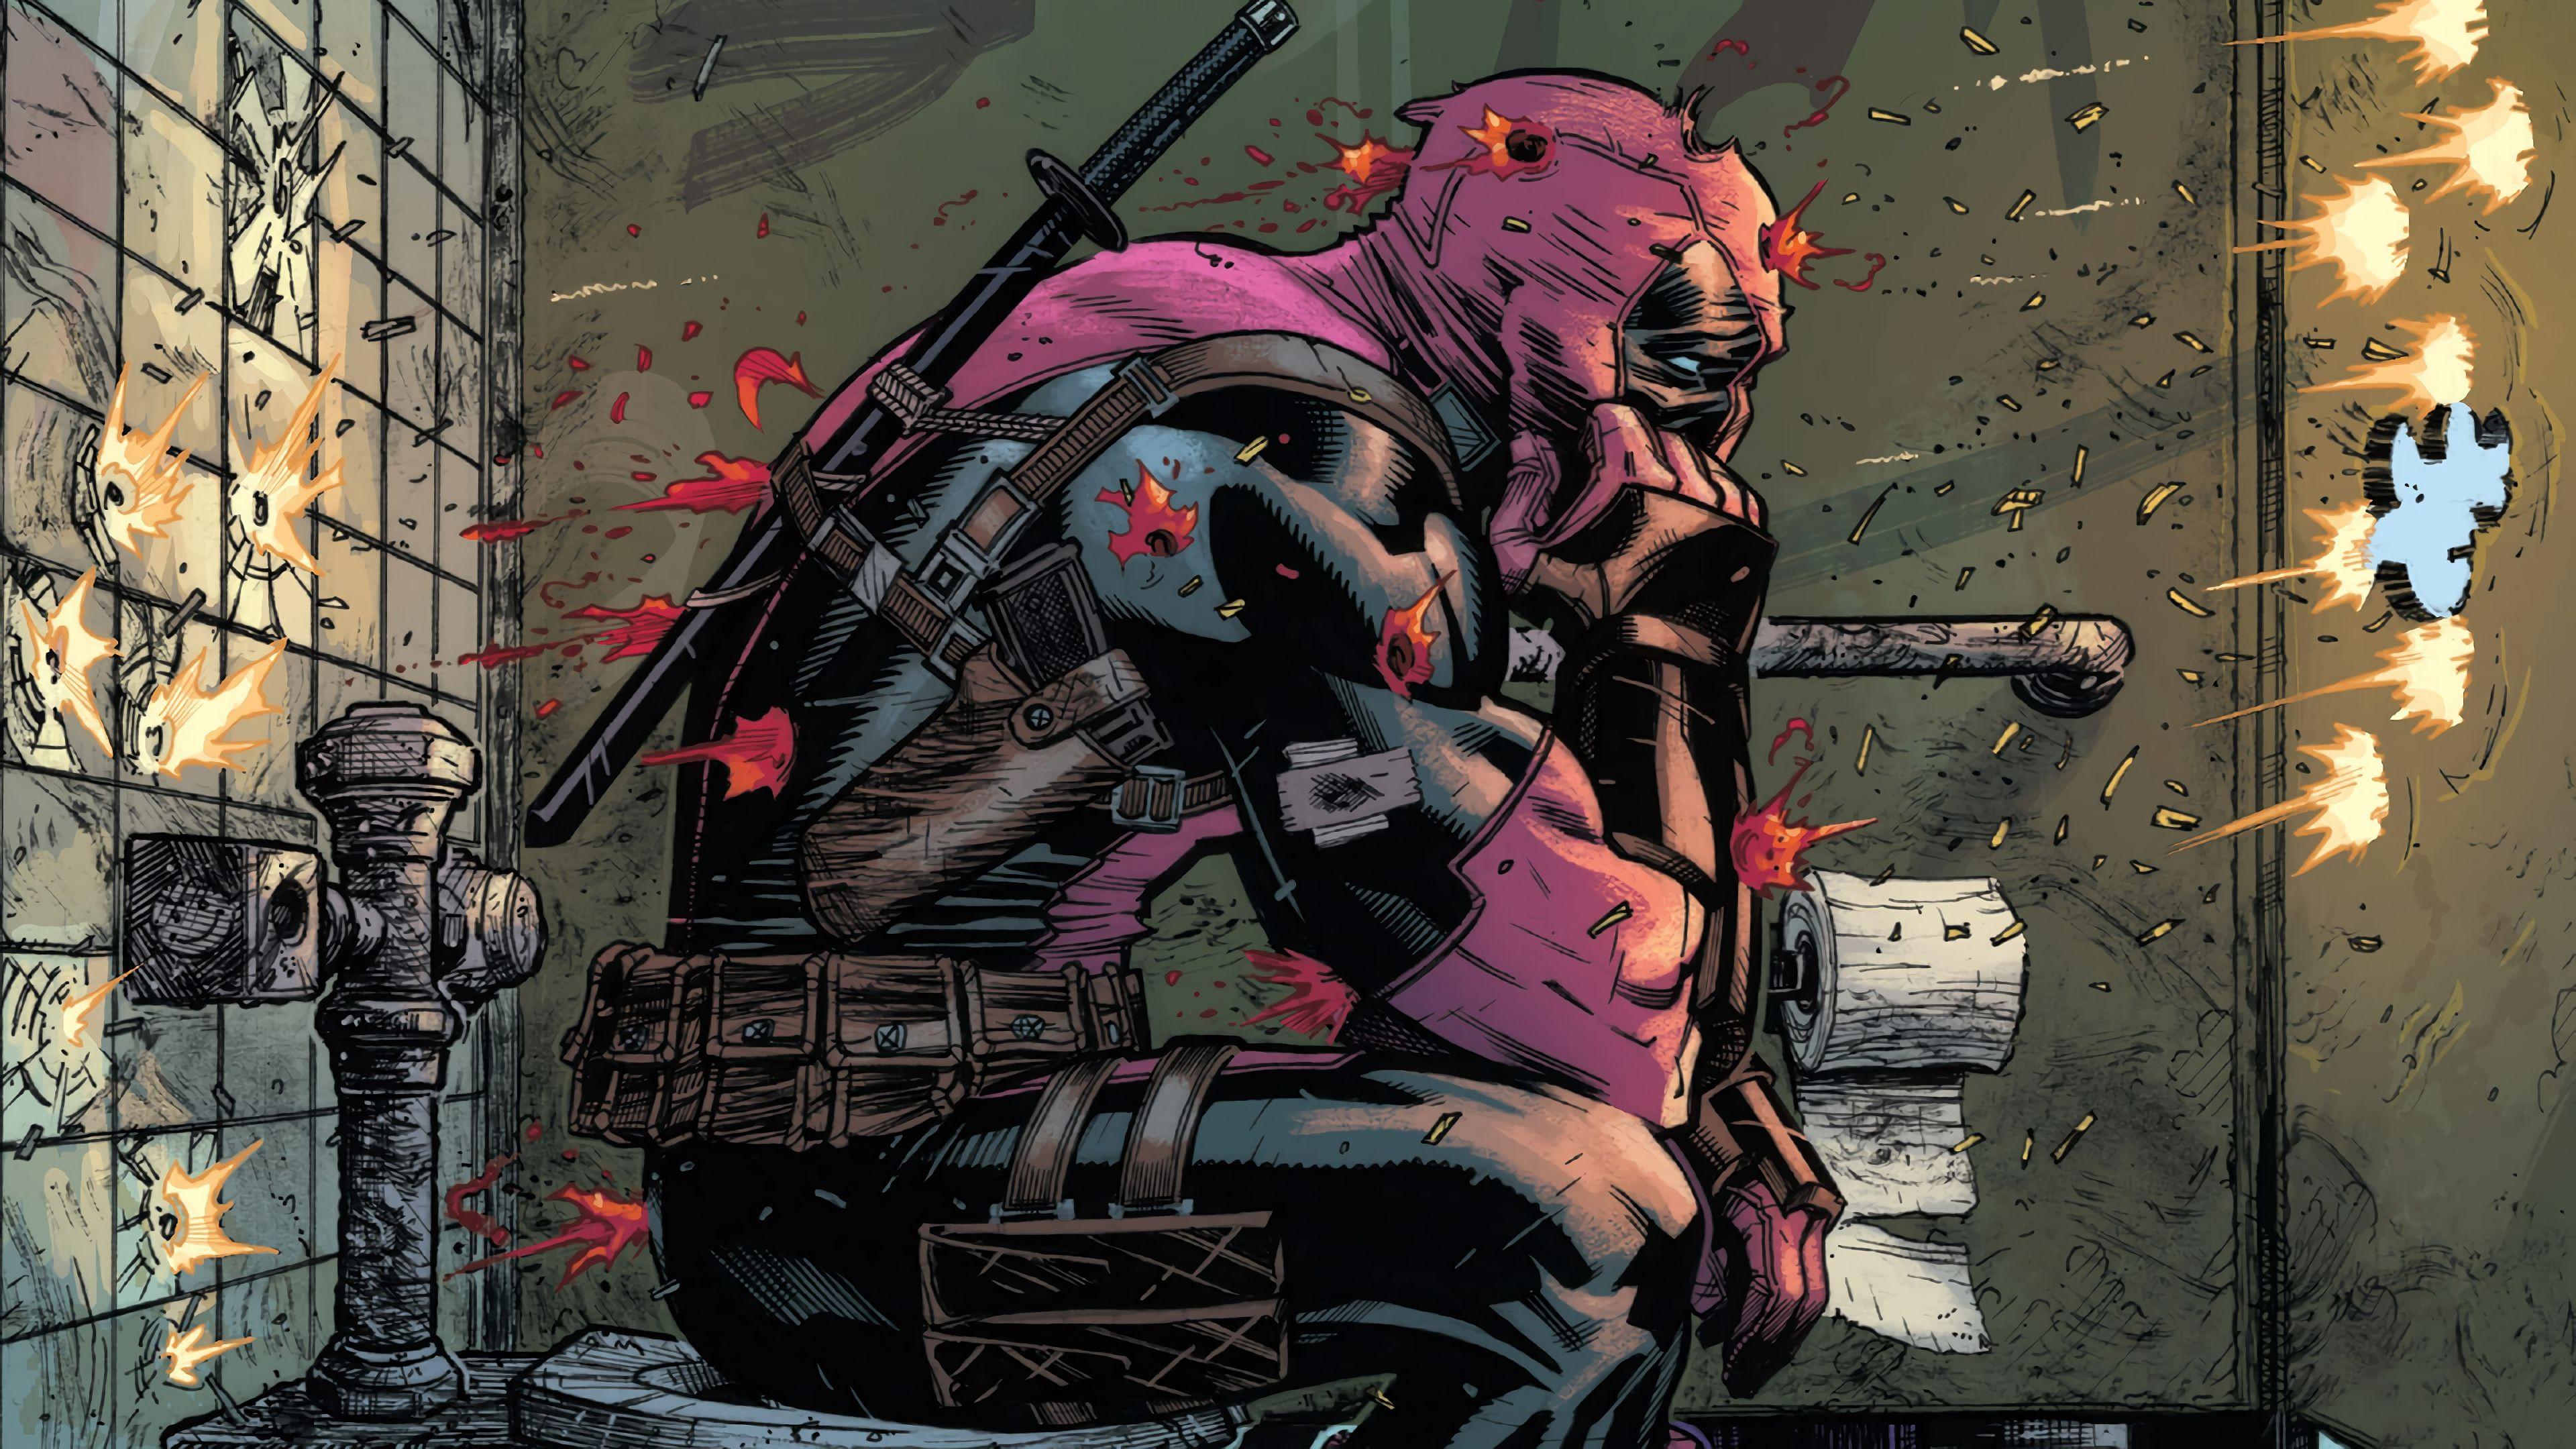 Deadpool Marvel Comics 4k Wallpaper Deadpool Comics Marvel Comics Deadpool Deadpool Comic Deadpool Wallpaper